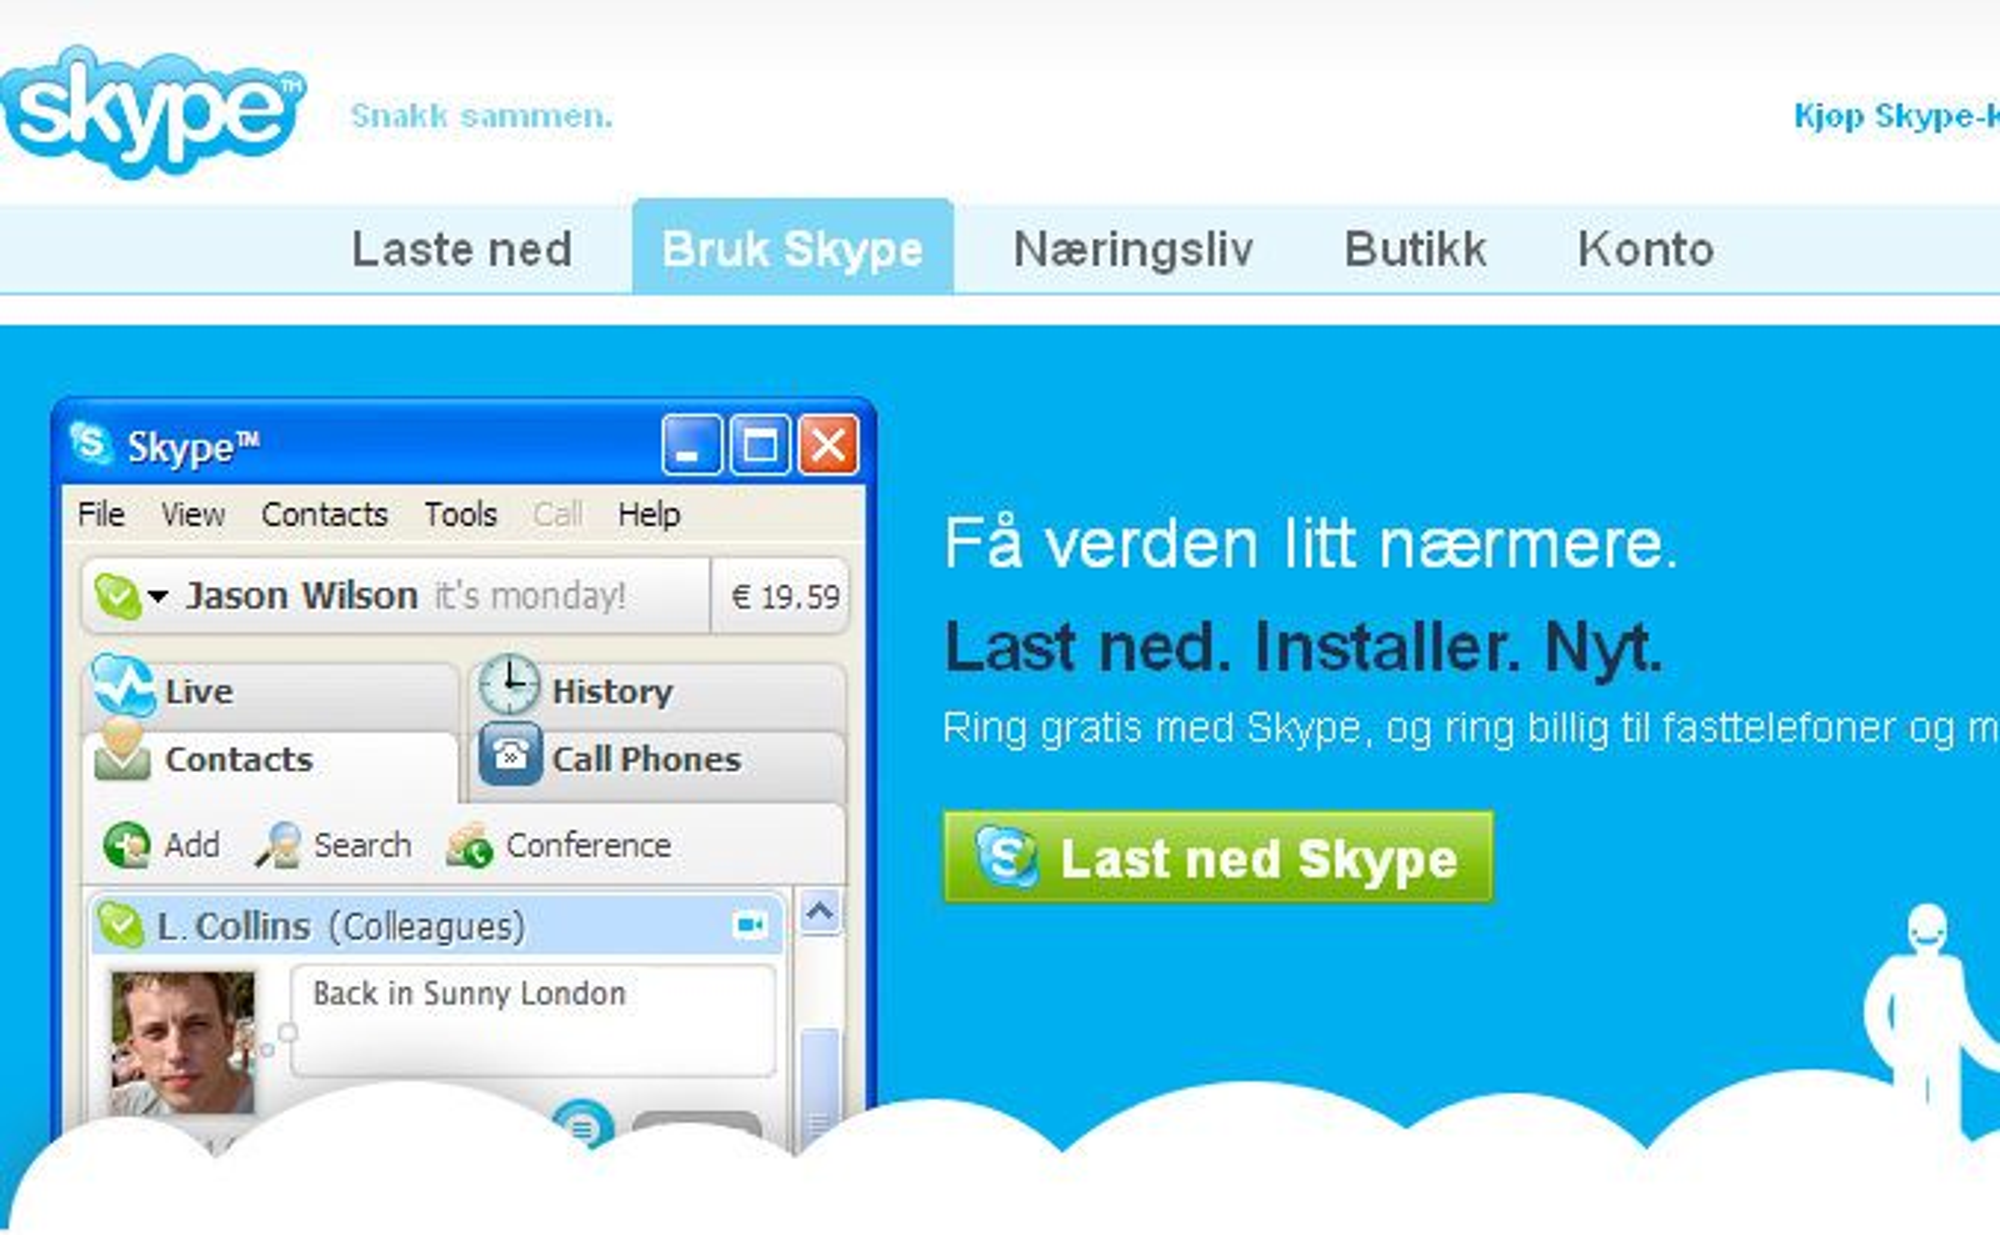 Ukens gratisprogram: Skype